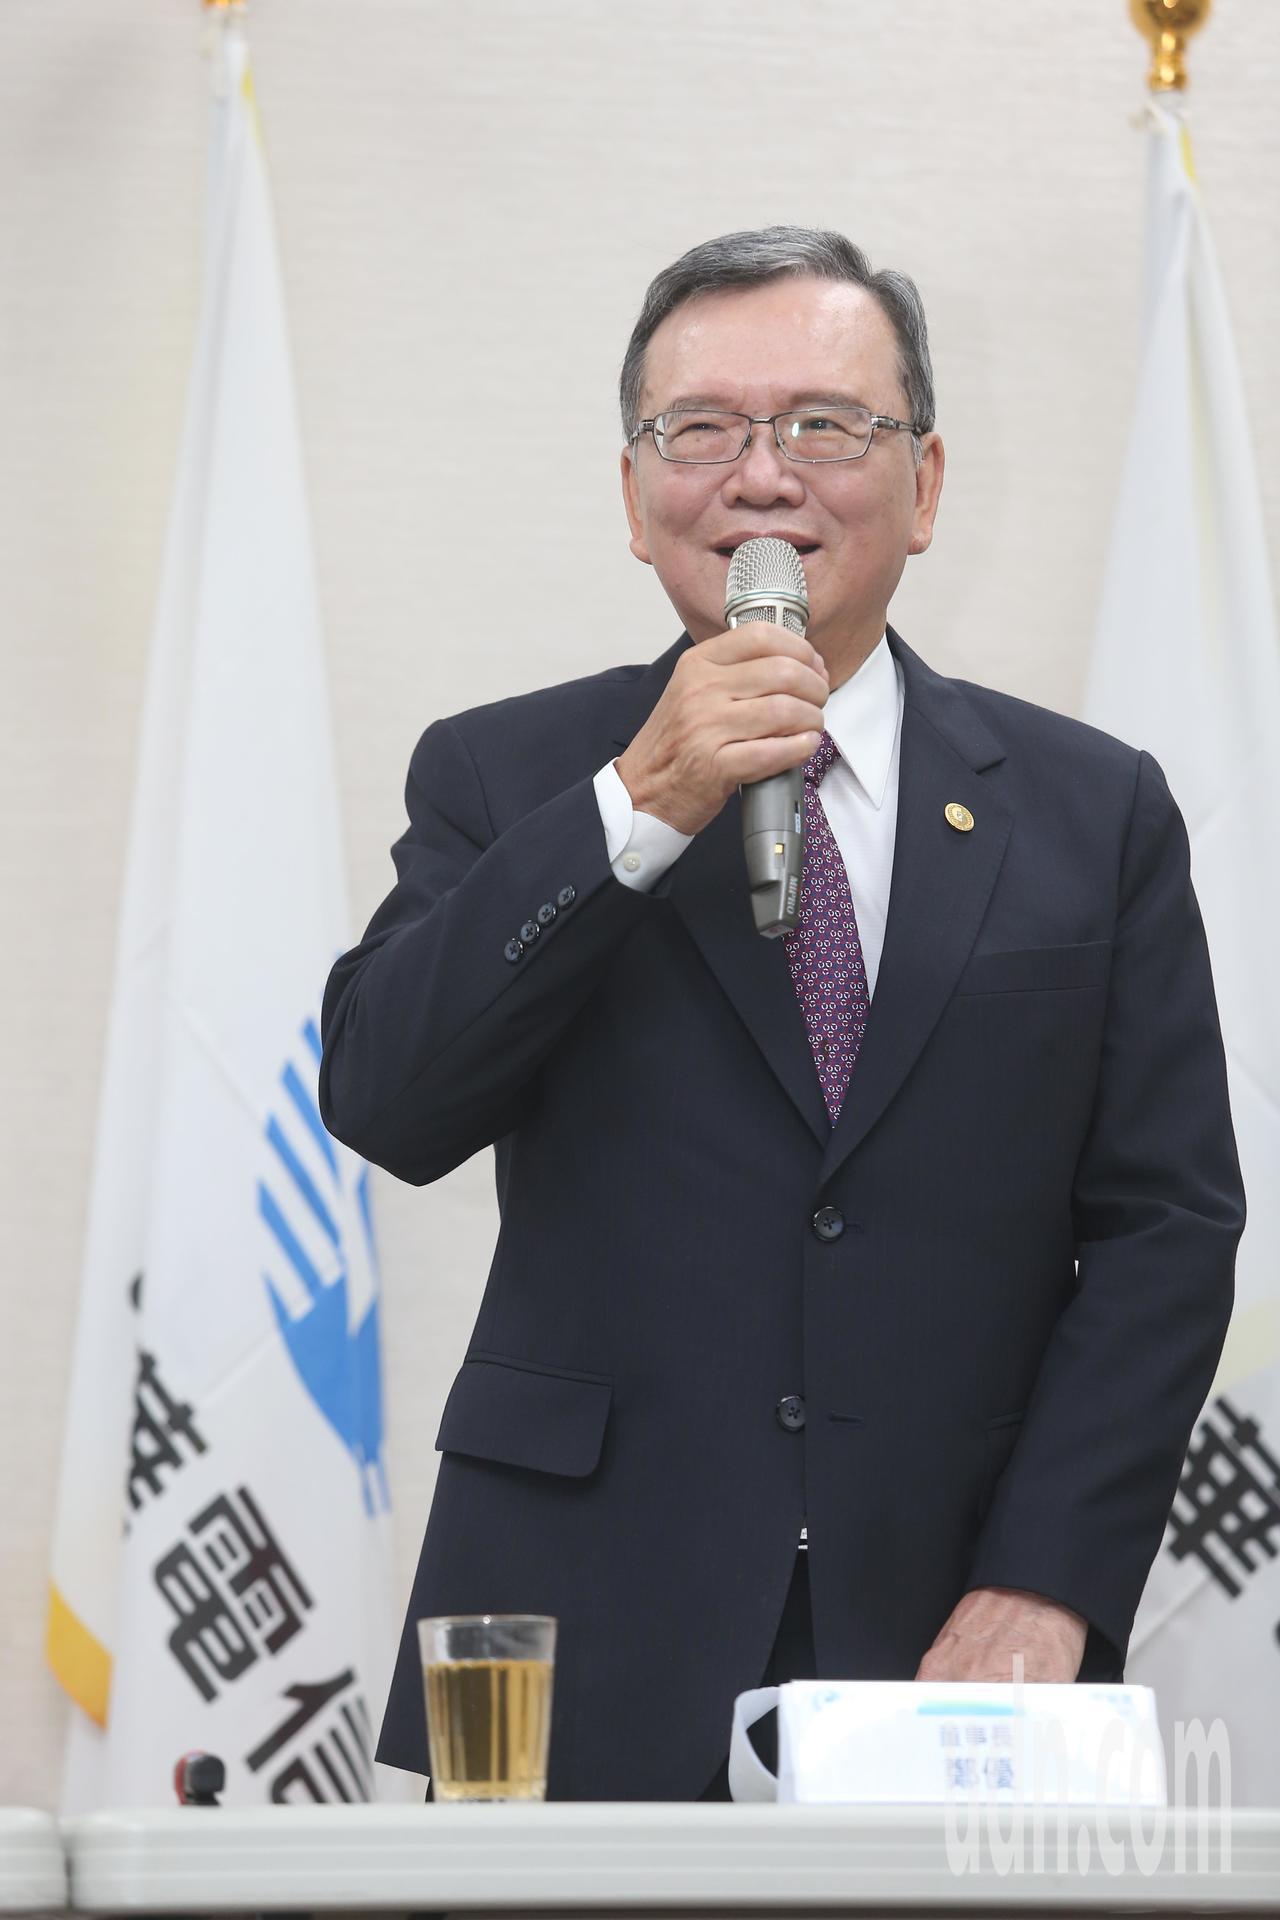 中華電信下午說明「499方案」,董事長鄭優向社會大眾報告與說明。記者曾吉松/攝影